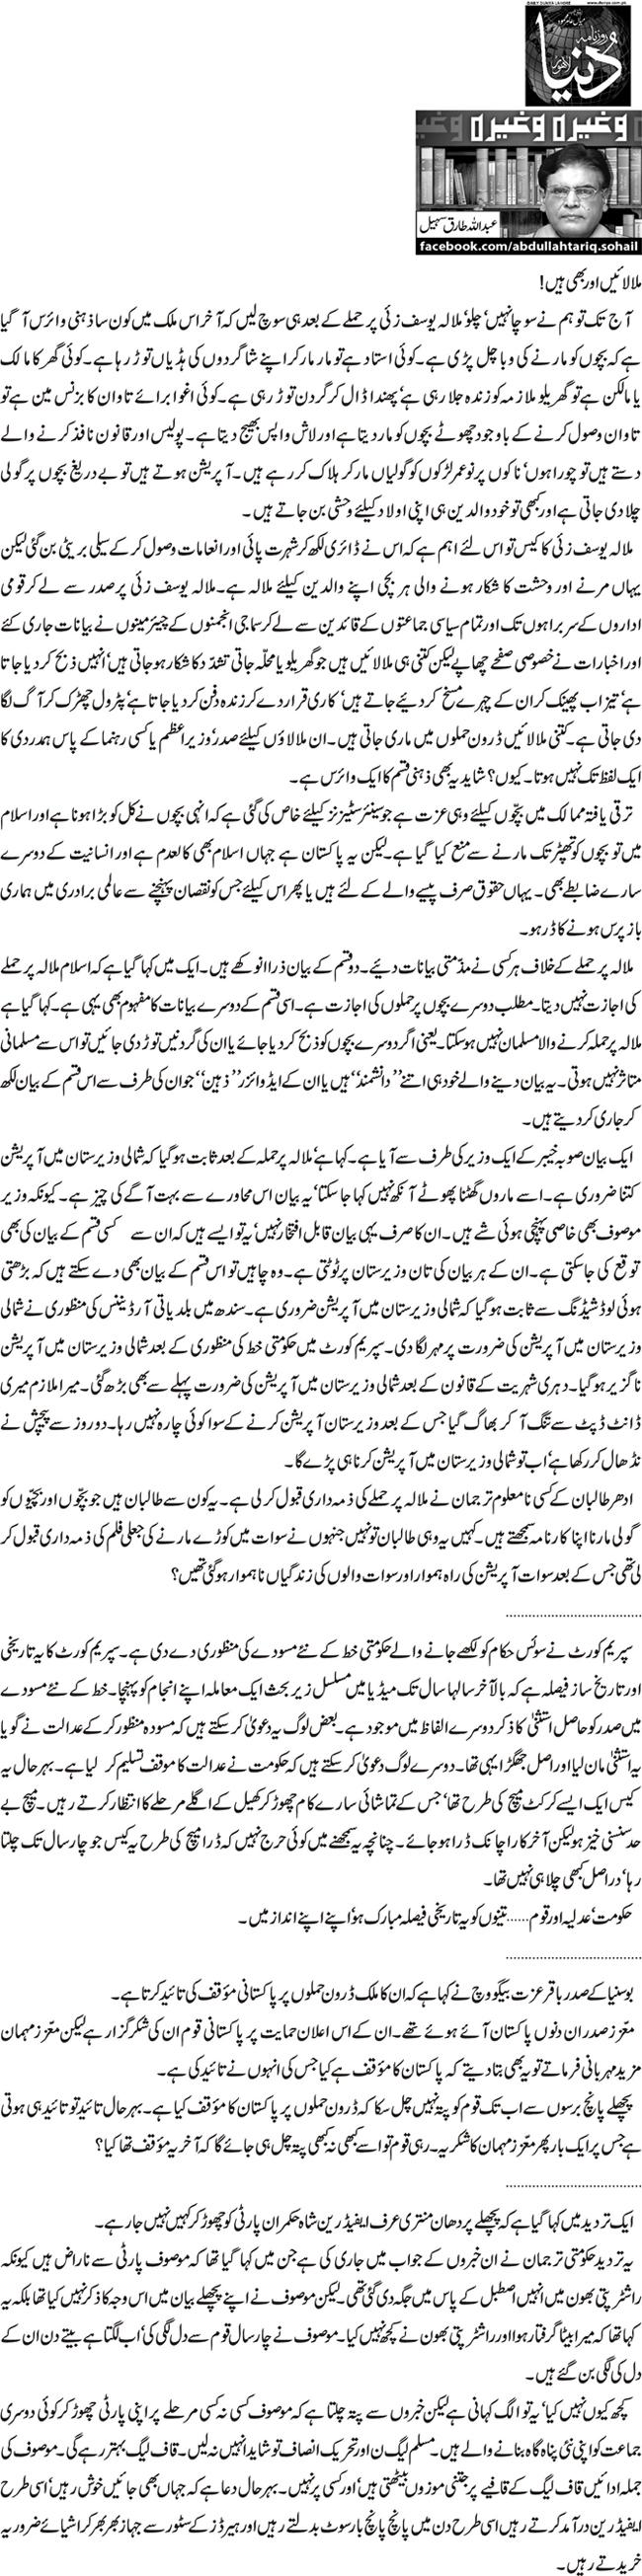 Malalain aur bhi hai - Abdullah Tariq Sohail